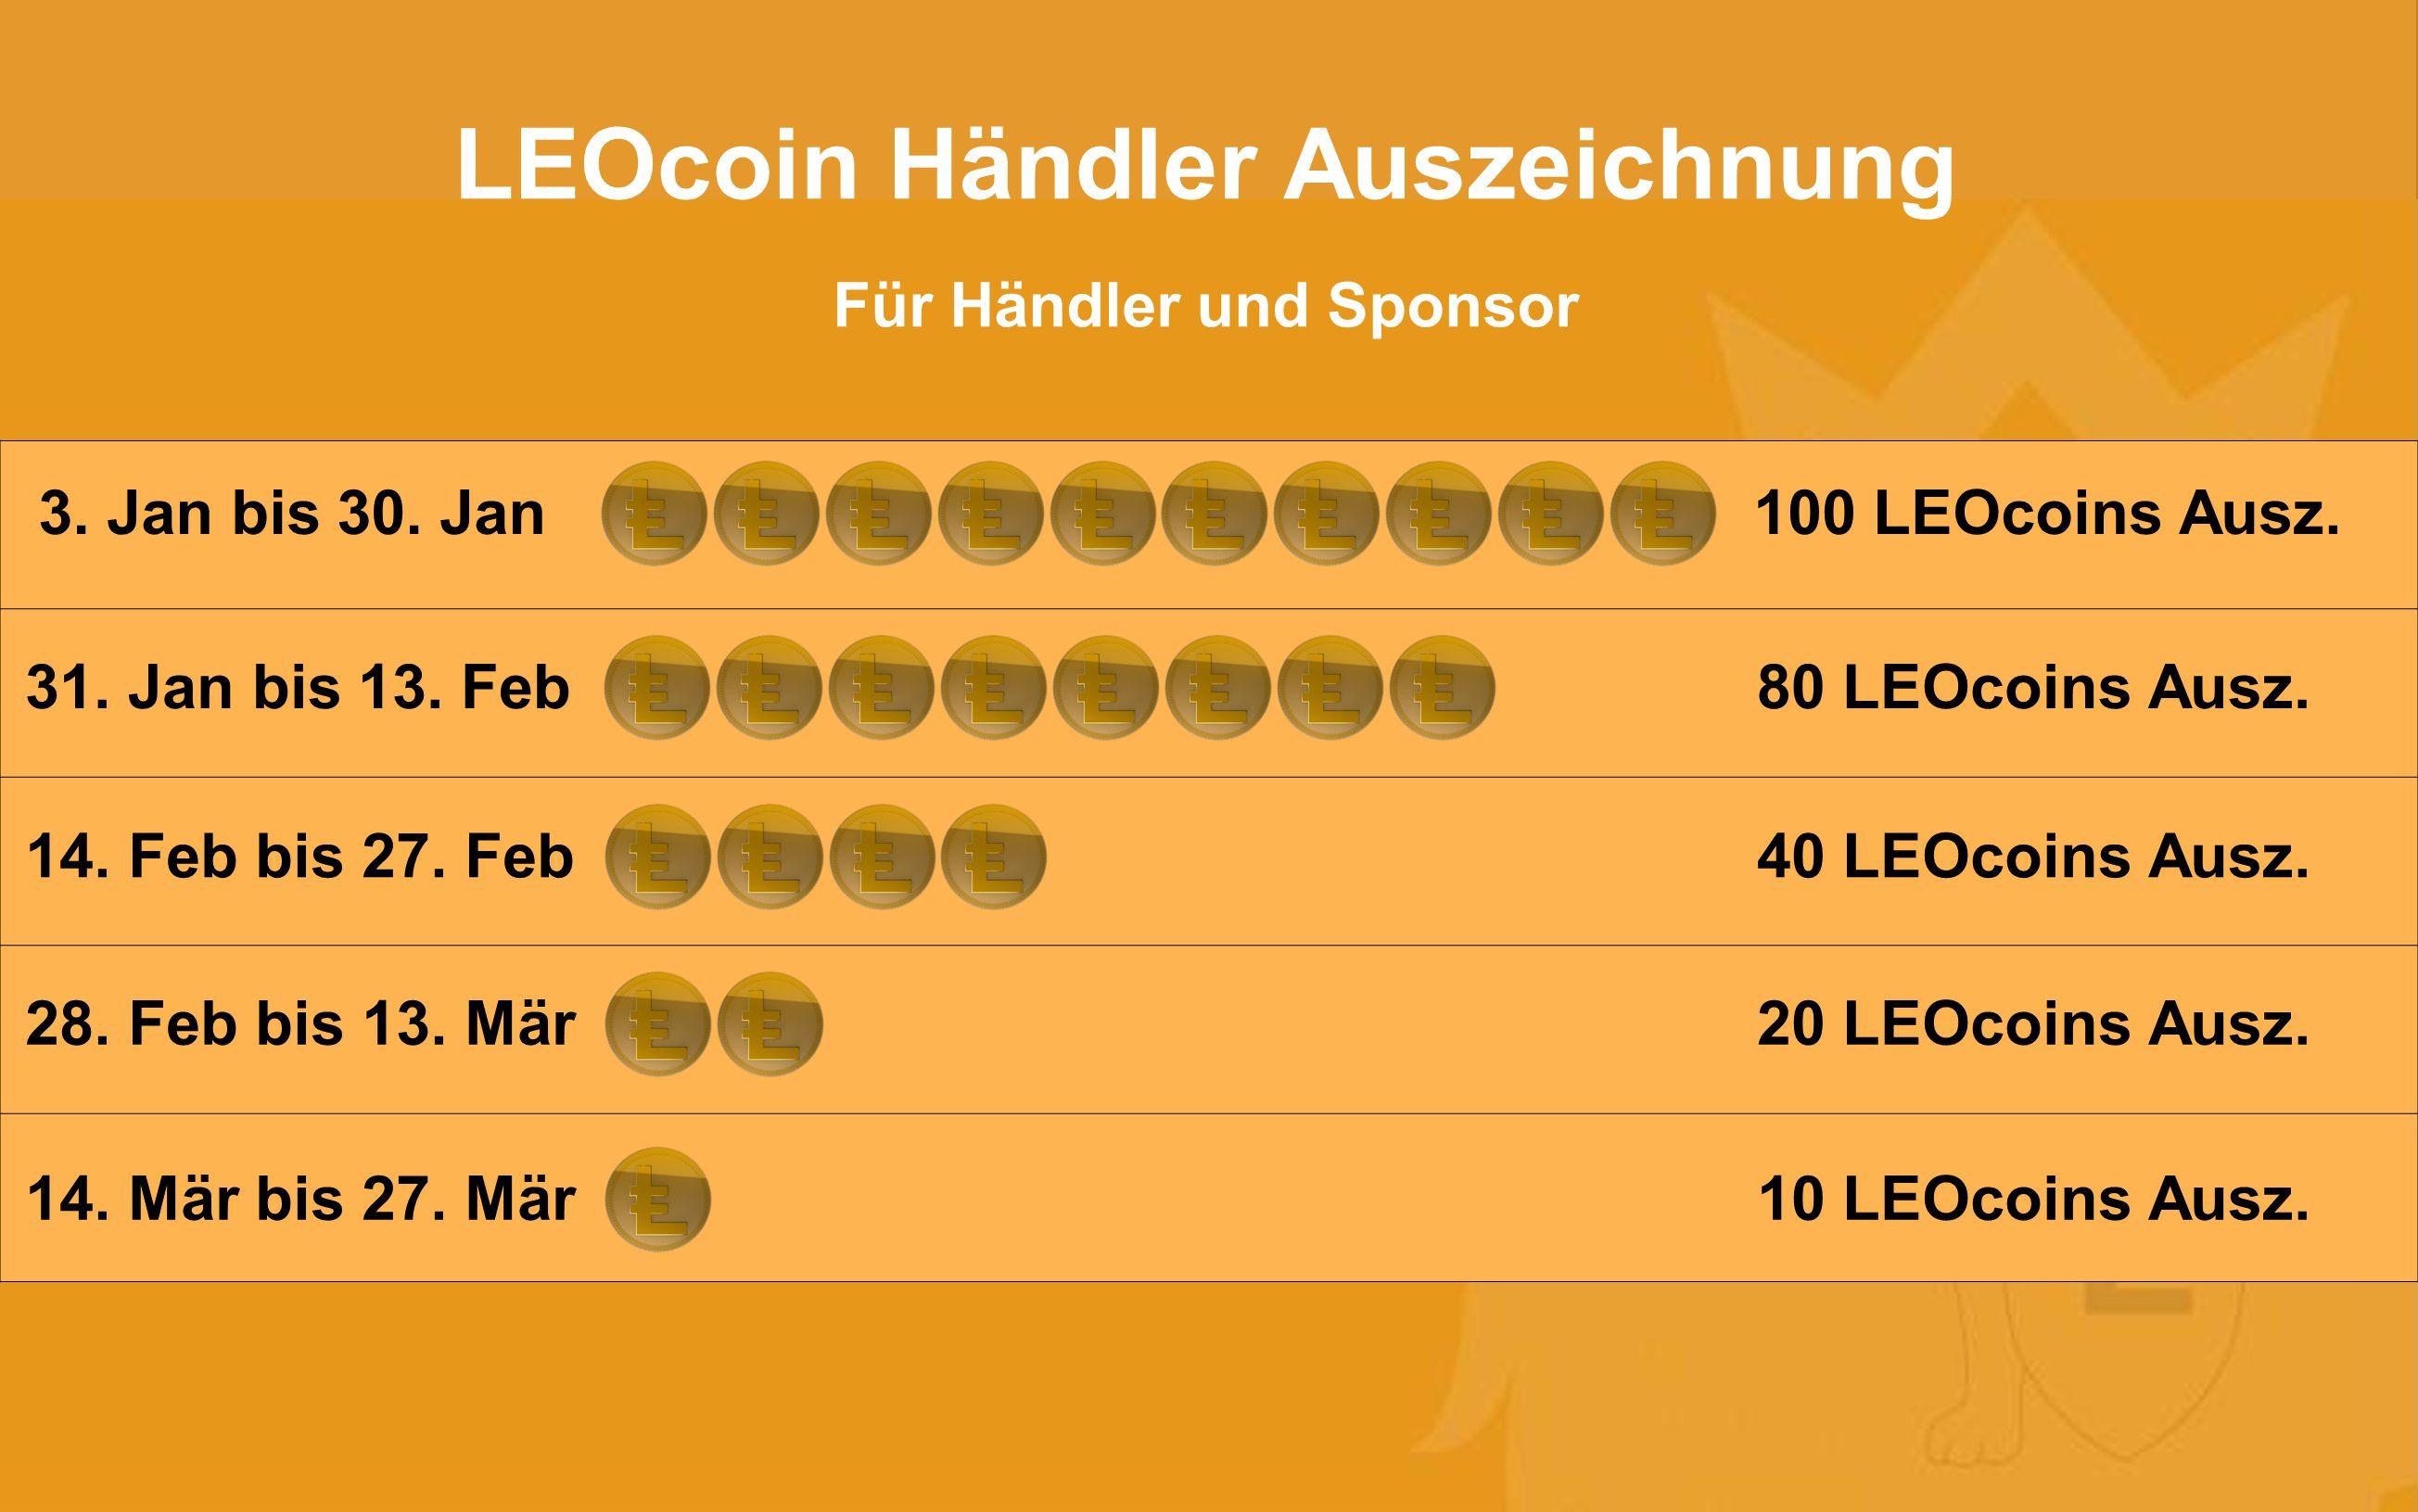 LEOcoin Händler Auszeichnung Für Händler und Sponsor 3. Jan bis 30. Jan100 LEOcoins Ausz. 31. Jan bis 13. Feb80 LEOcoins Ausz. 14. Feb bis 27. Feb40 L